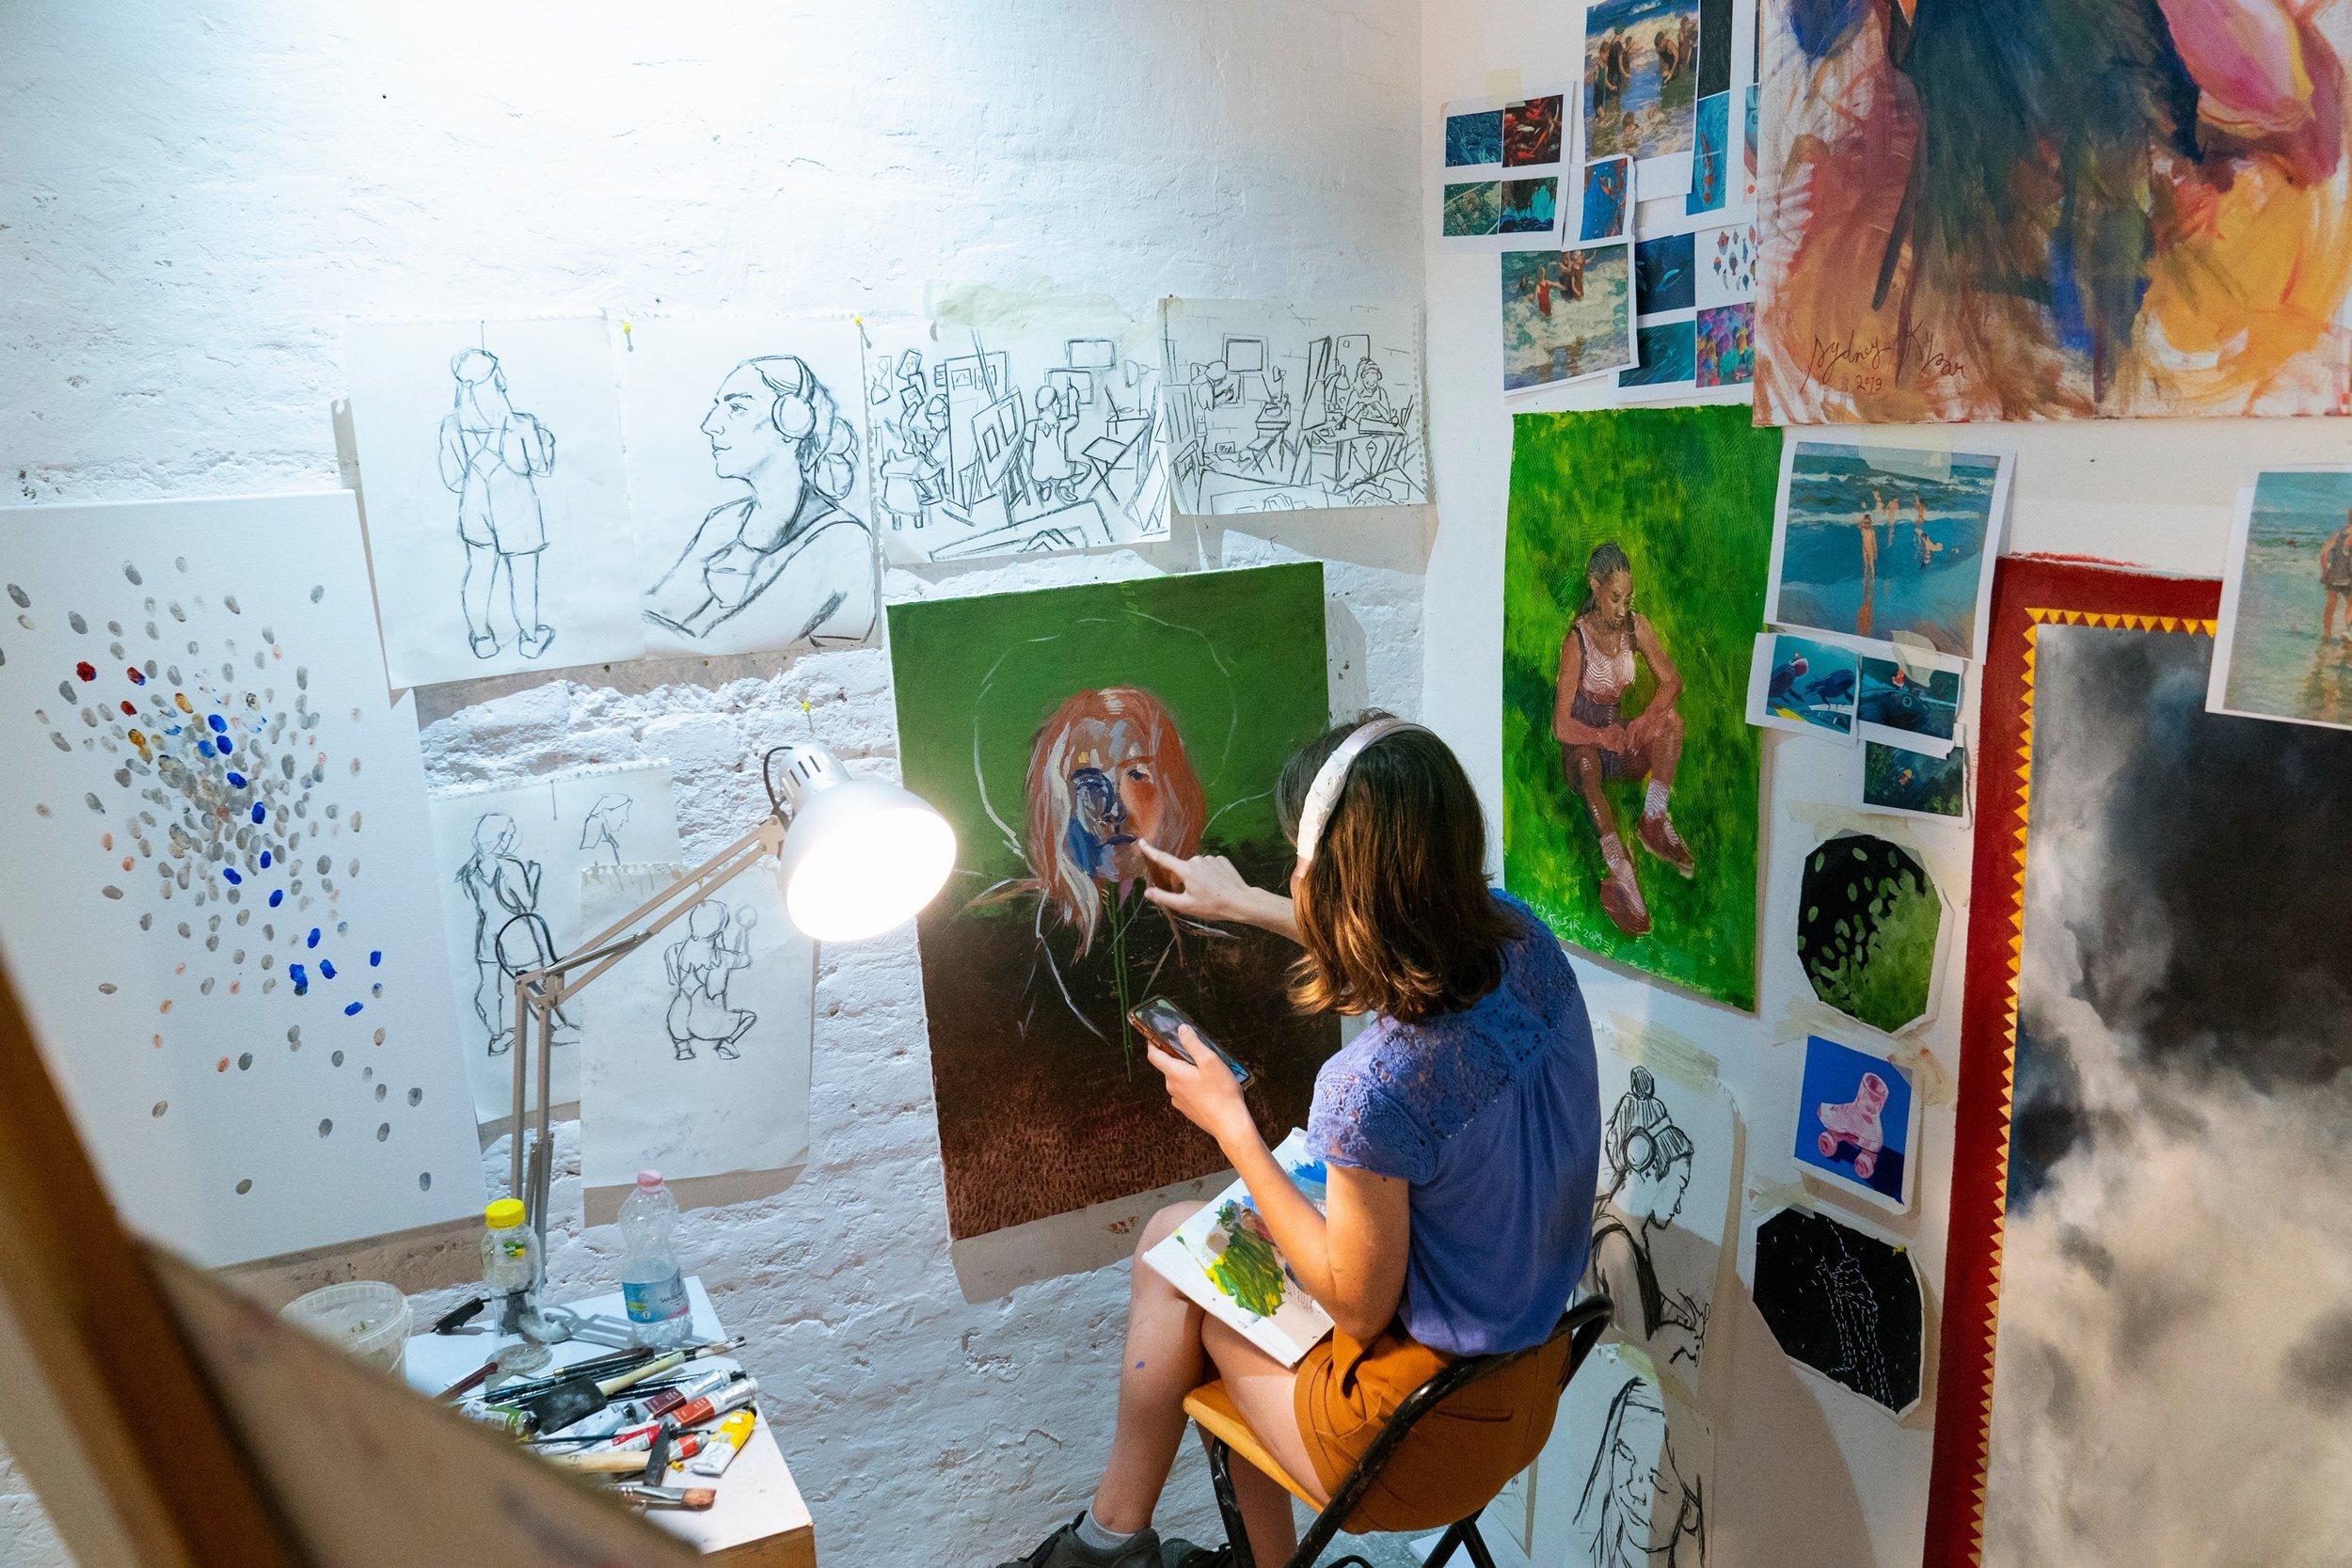 Kysar painting in her studio space